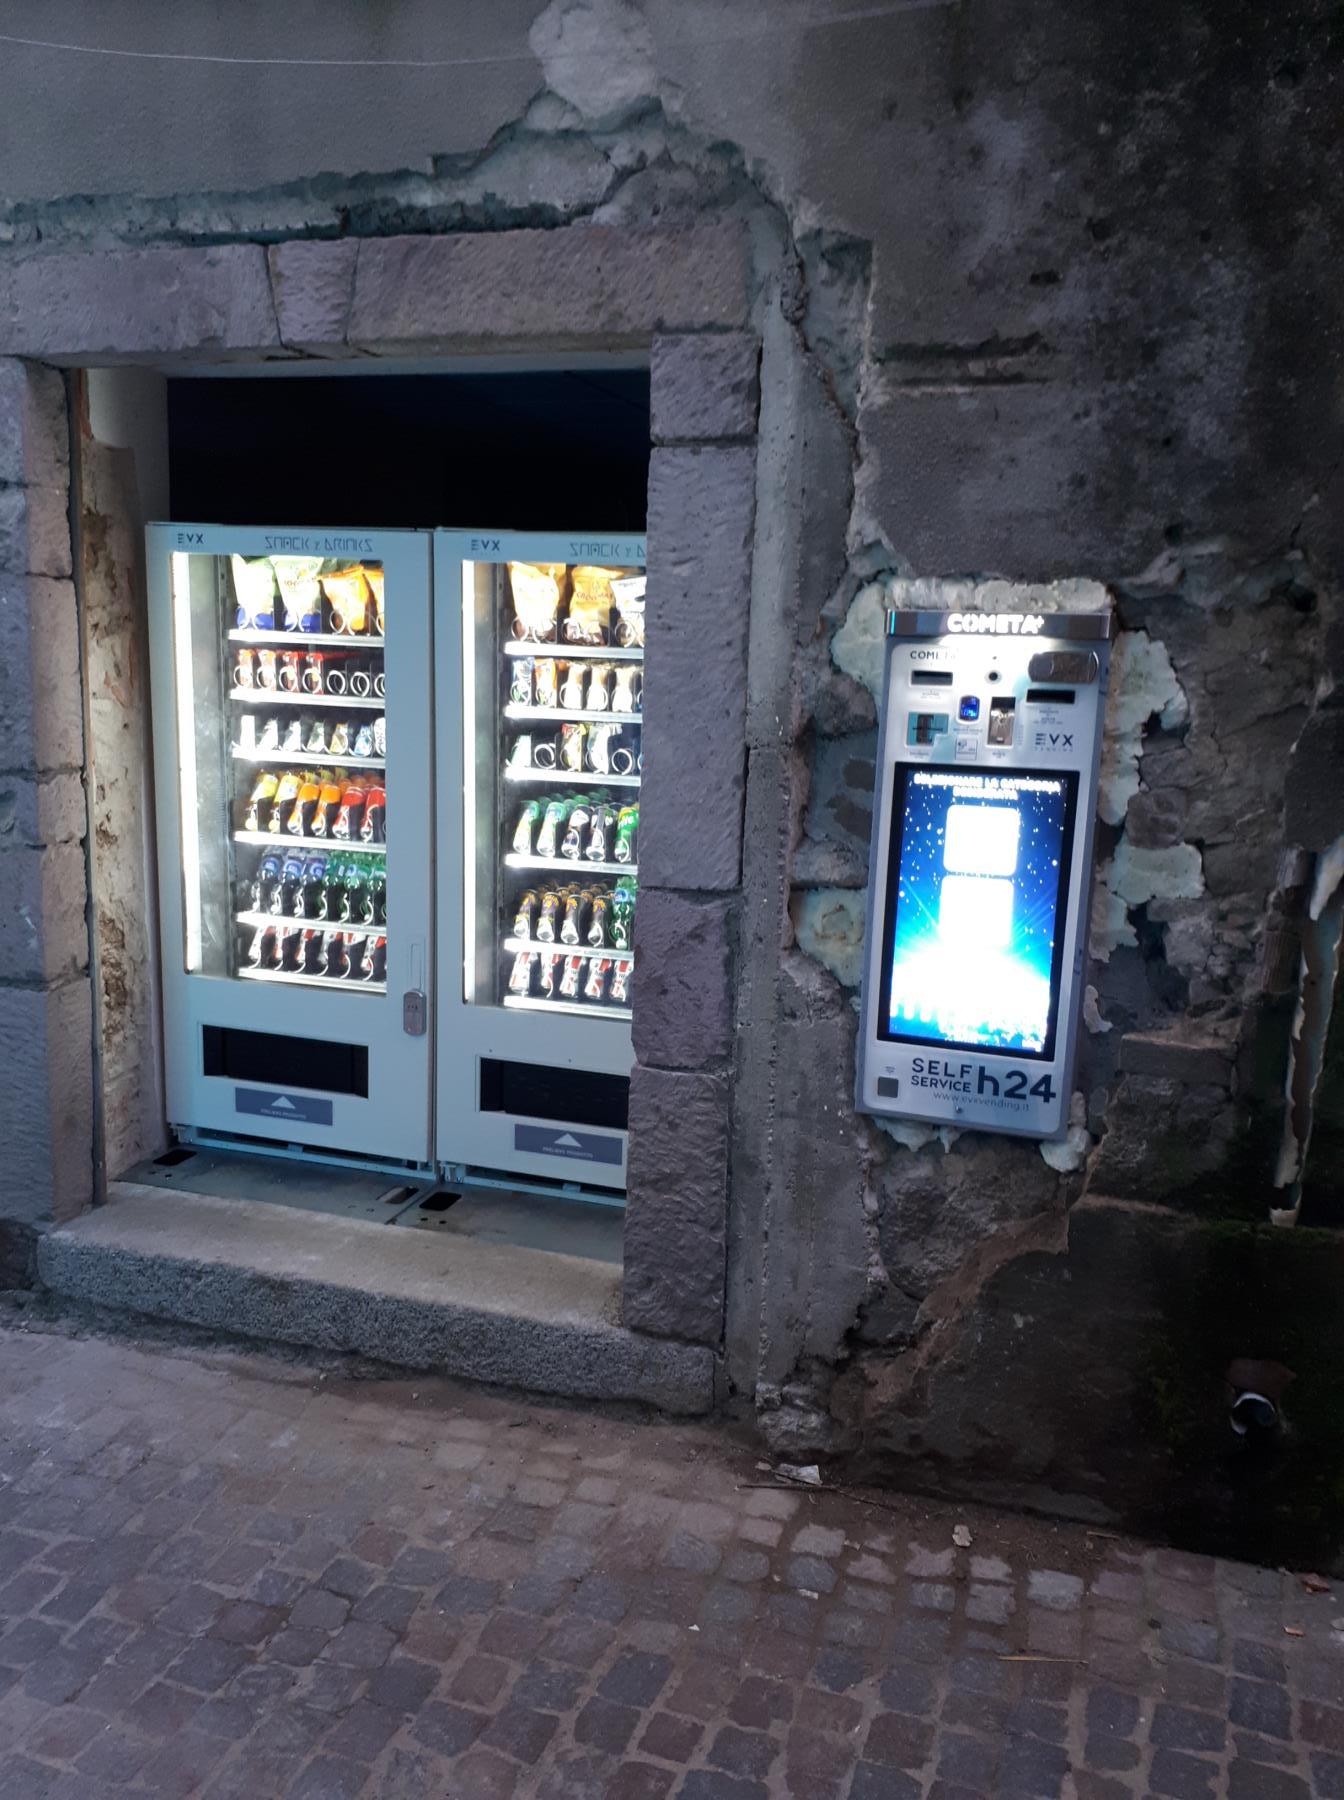 distributore-automatico-sigarette-evx-cometa_+plus (12)